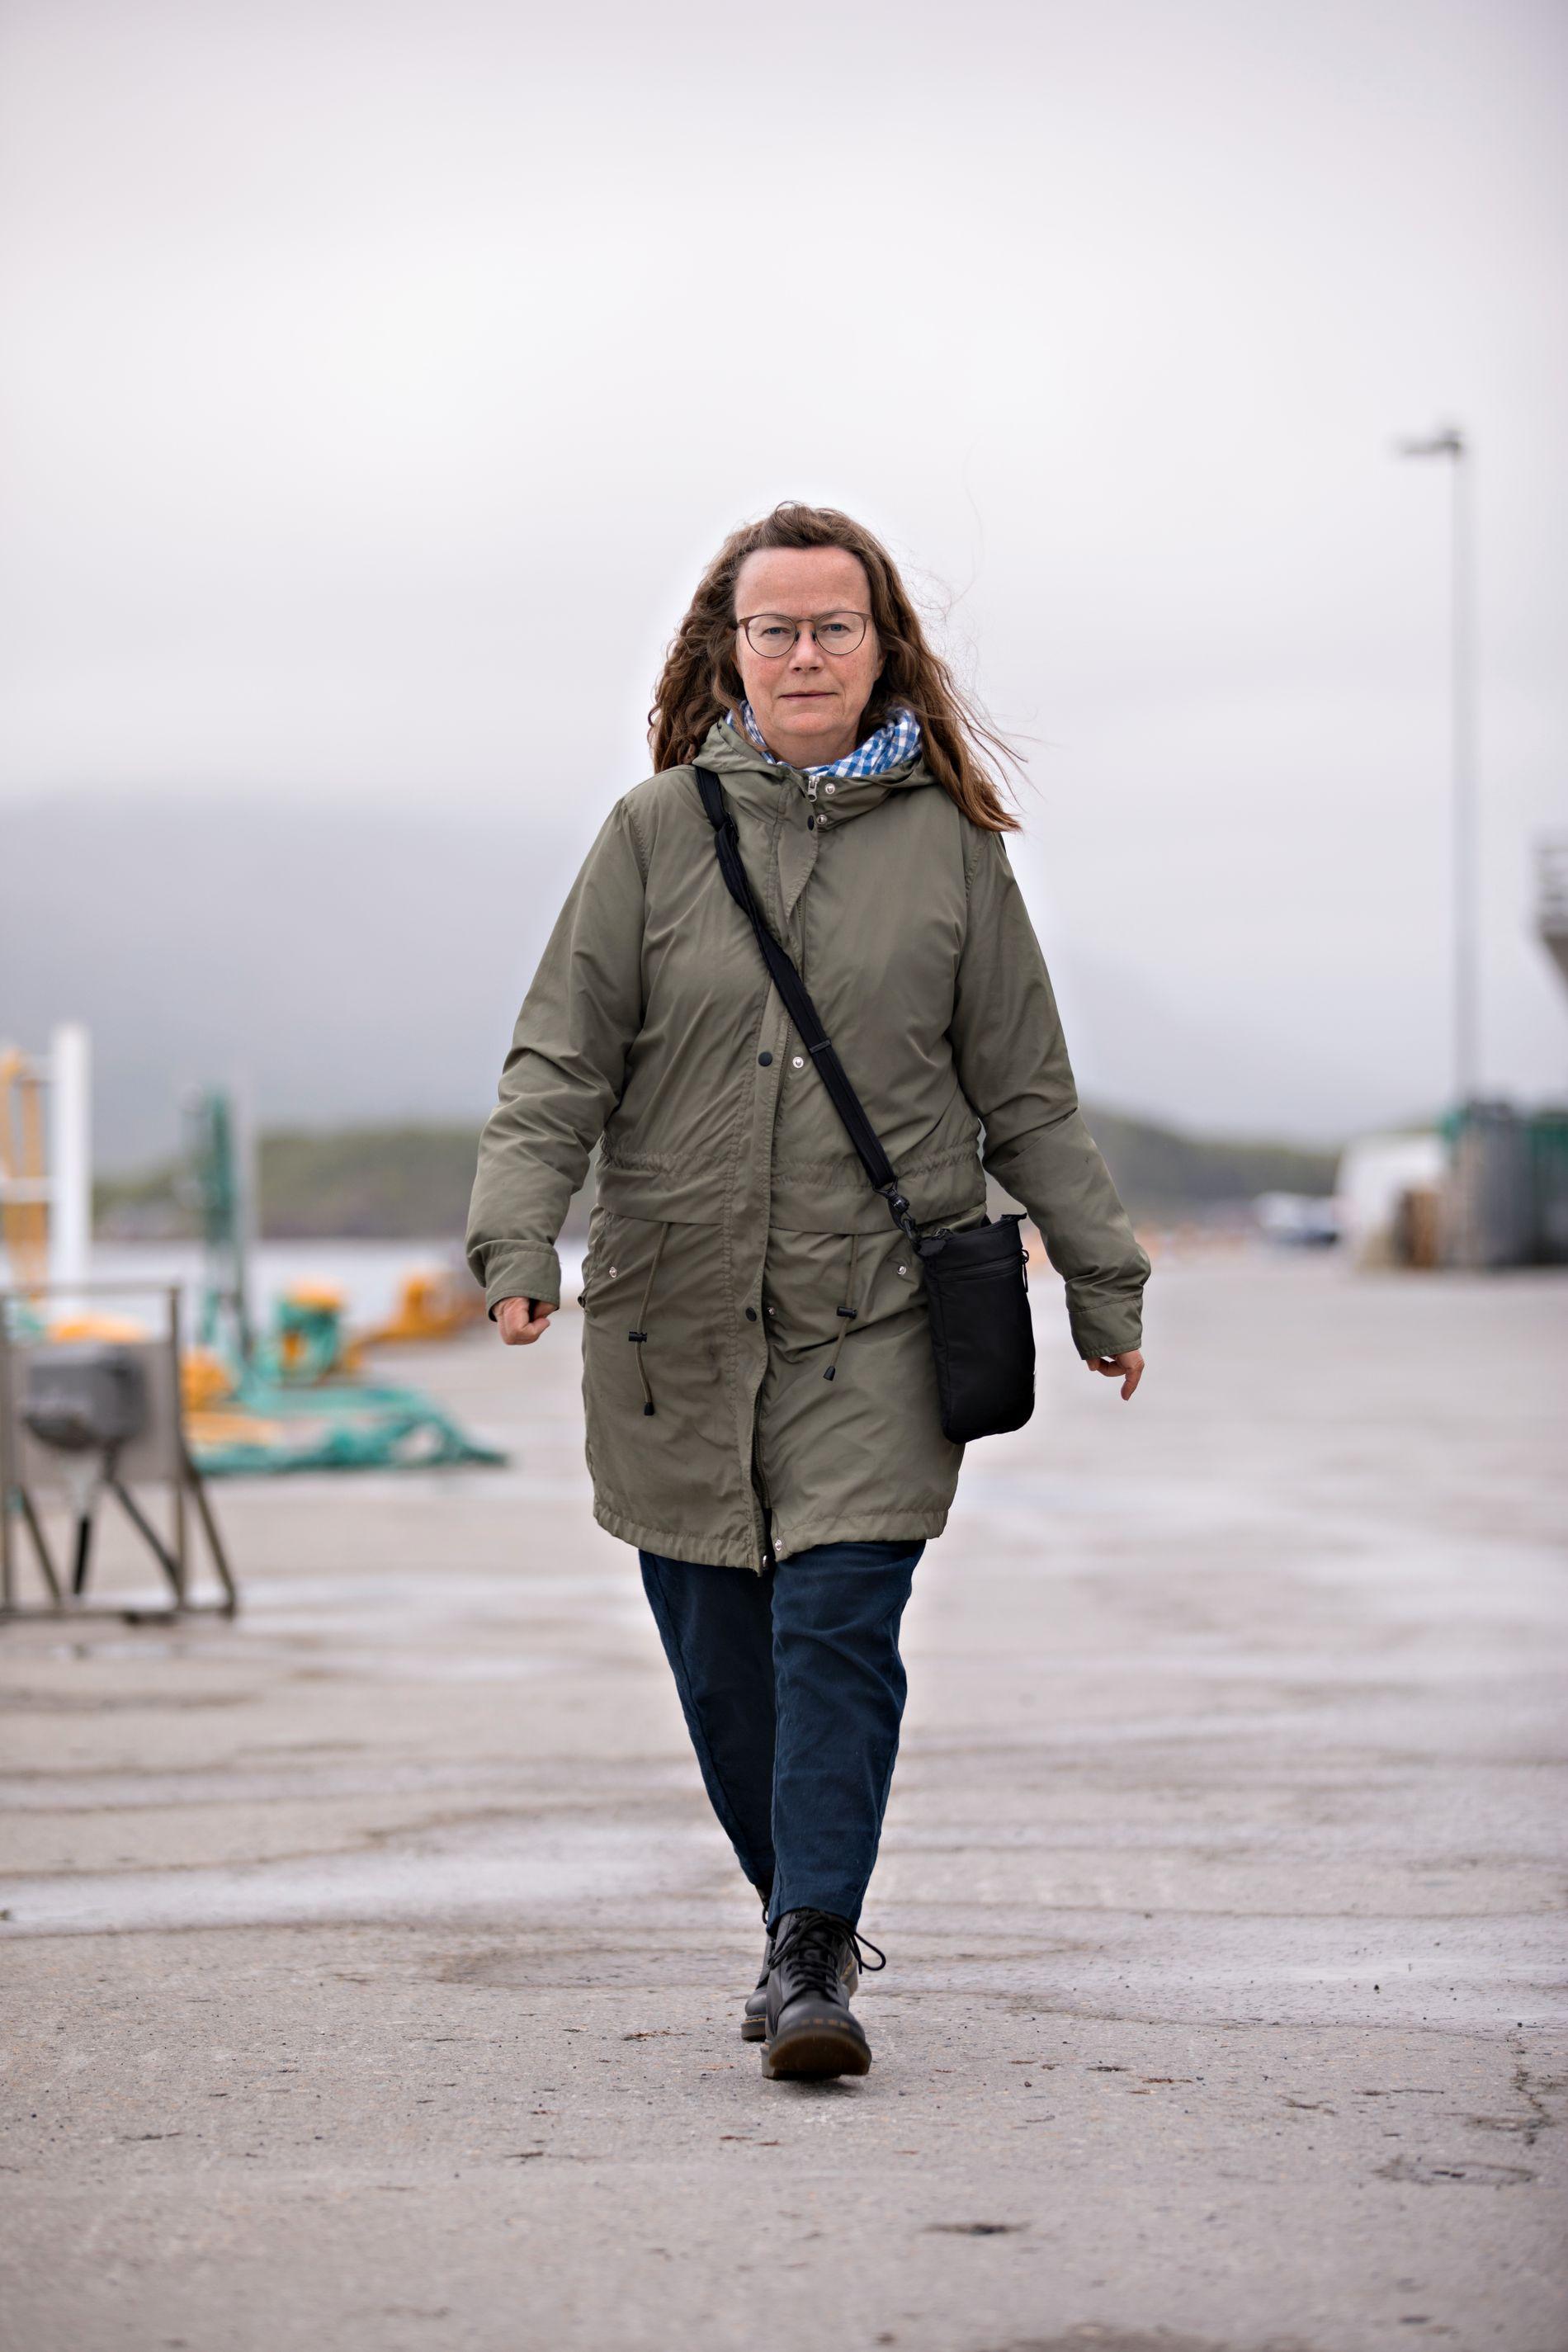 ENSOMT: Margit Steinholt har jobbet flere år med jordmødre i distriktet Helgeland i Nordland. Hun tror mange kommunale jordmødre mangler et faglig nettverk og føler seg alene.